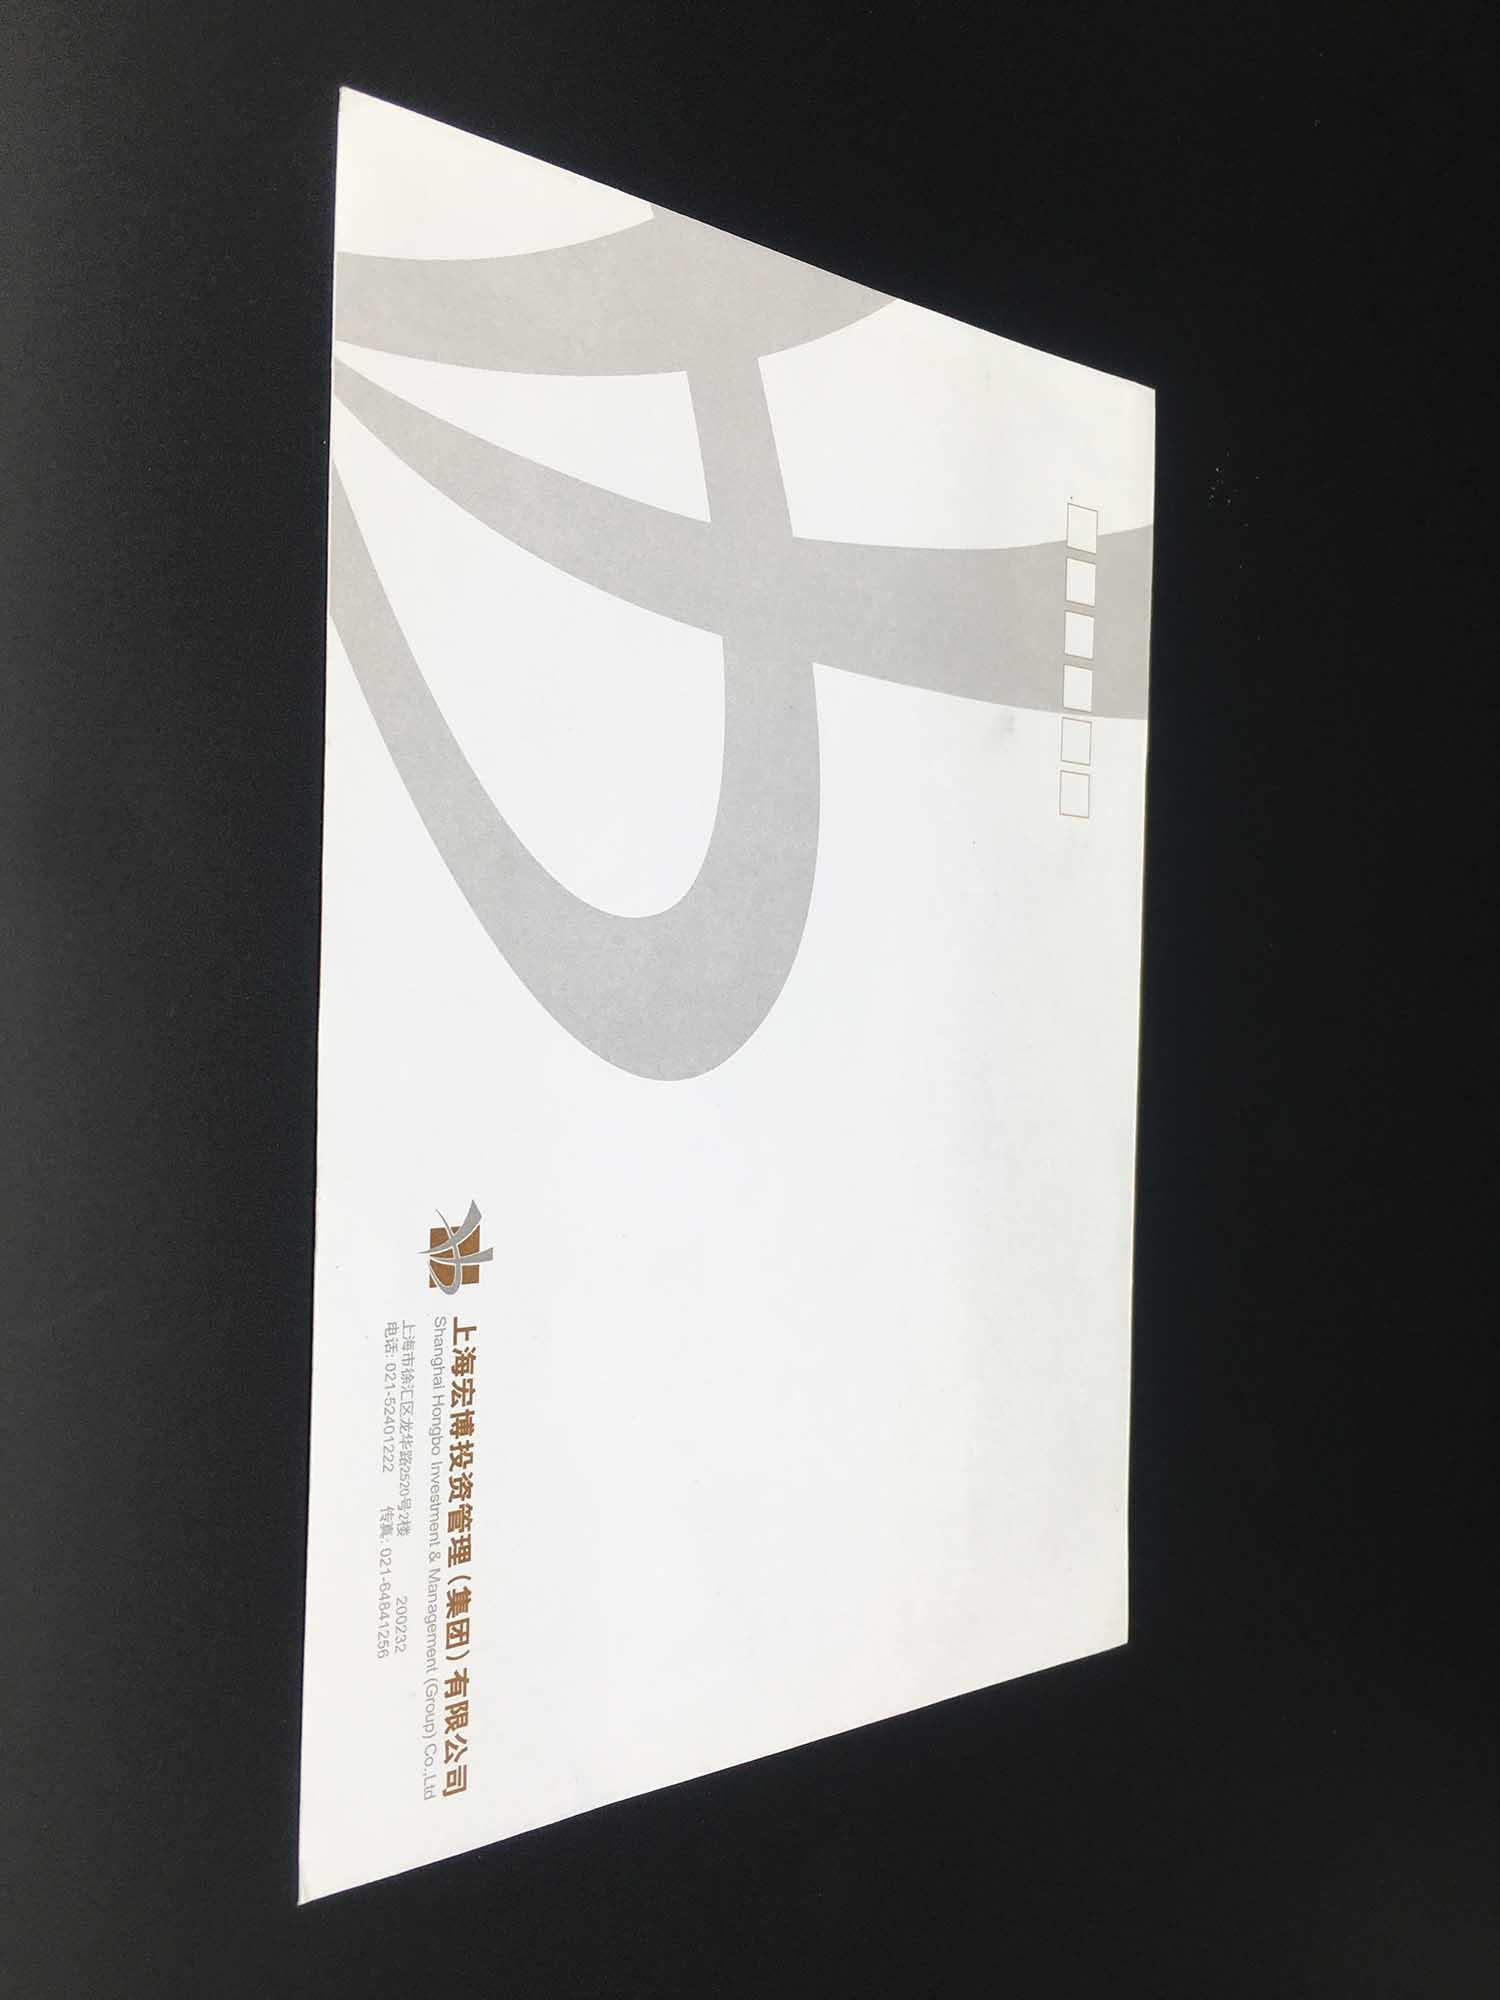 沈阳周边企业宣传册印刷设计